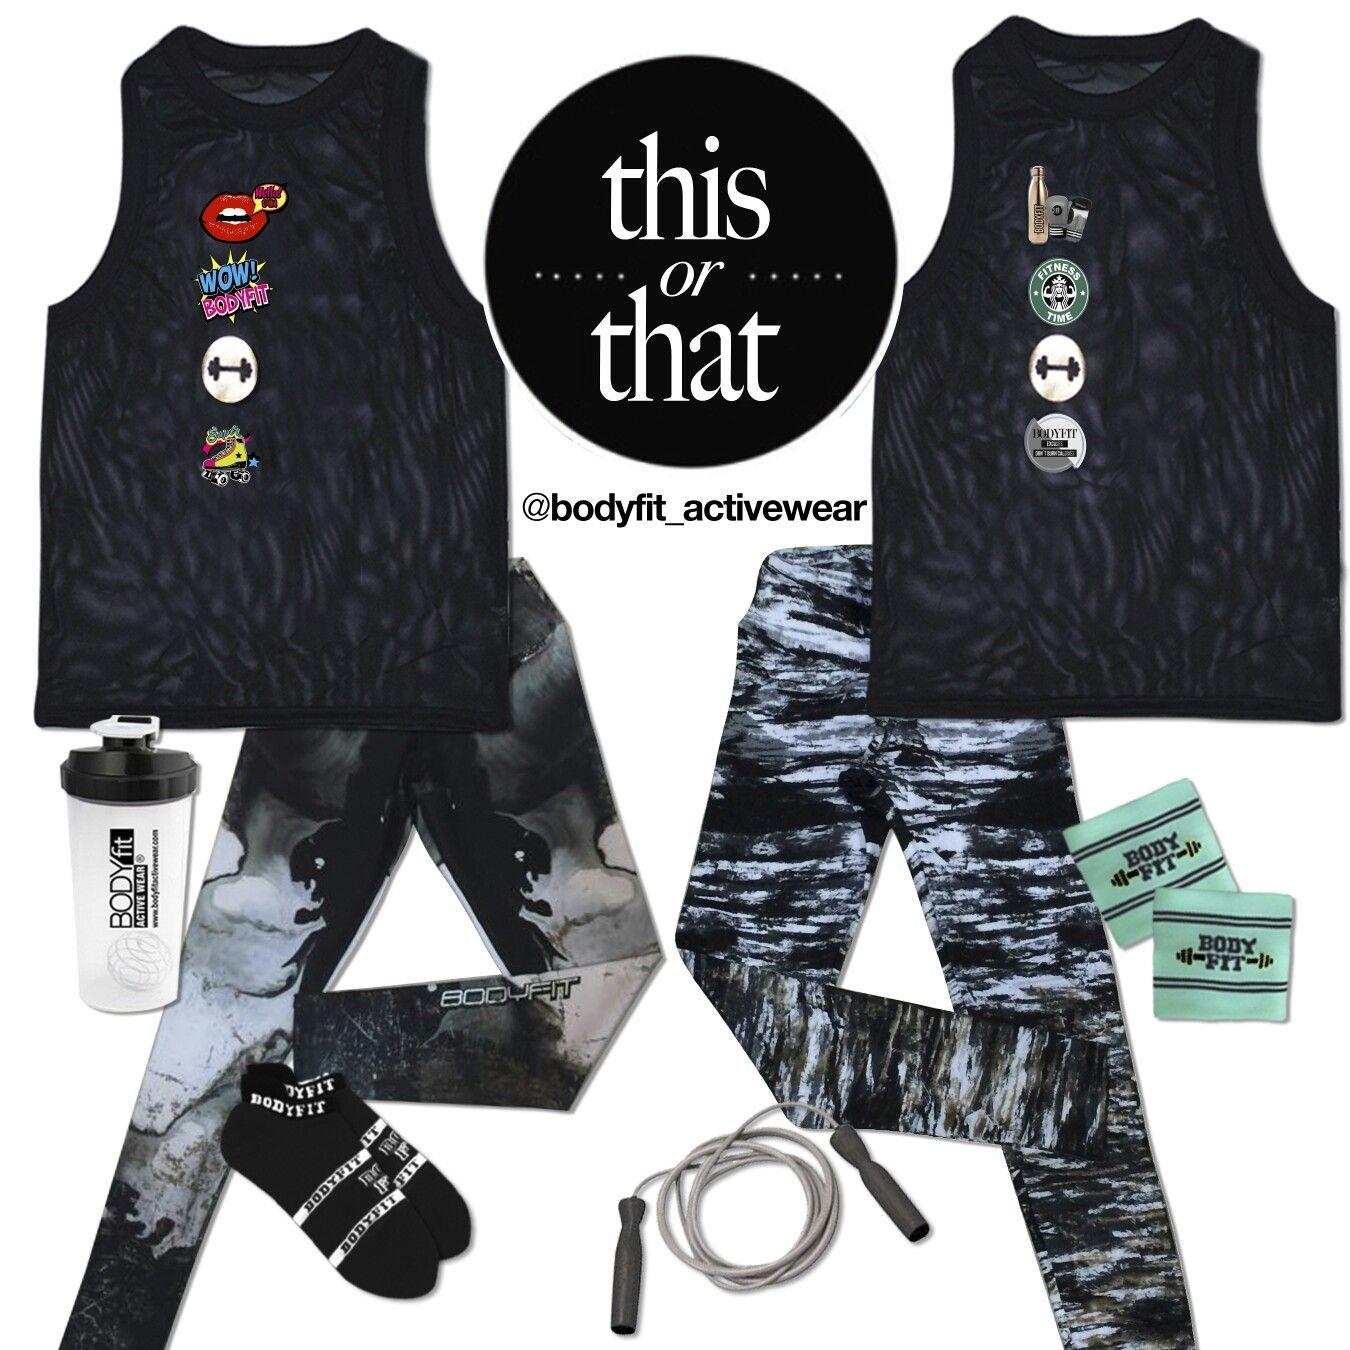 Te presentamos opciones ideales con diseño y comodidad que te motivaran para realizar tus rutinas de entrenamiento. Disponible en todas nuestras tiendas y sitio web www.bodyfitactivewear.com